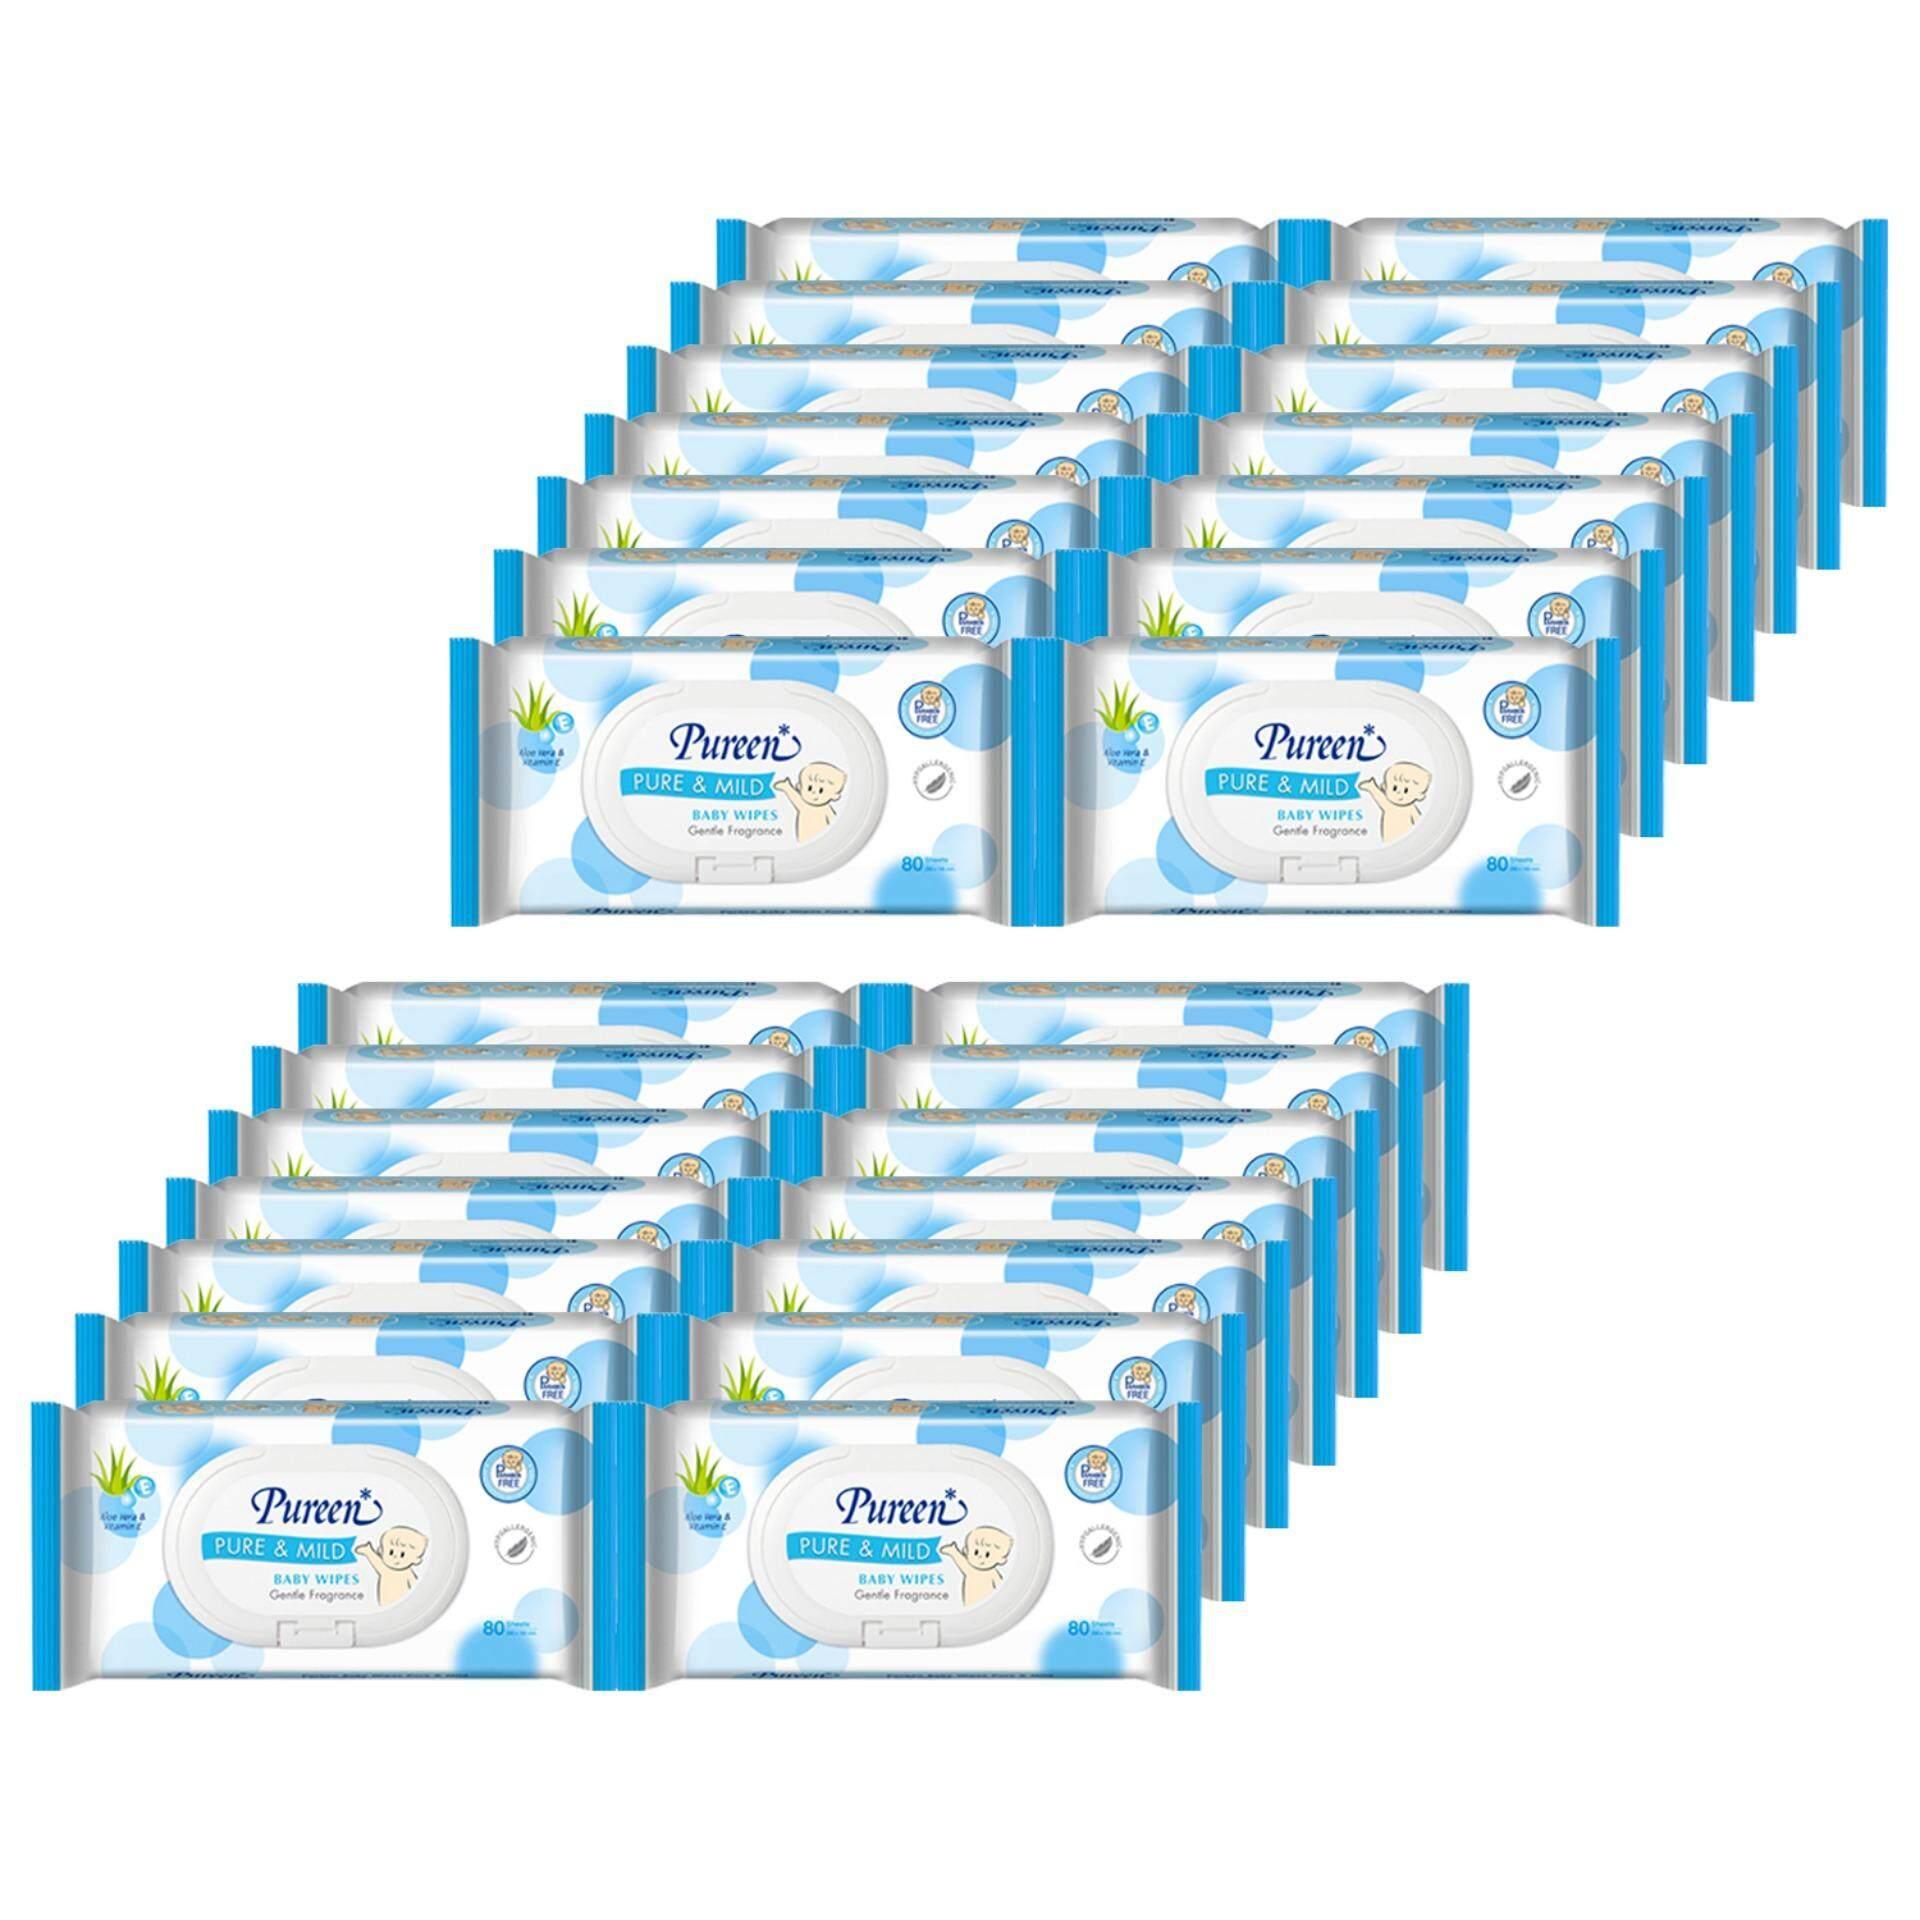 แนะนำ ส่งฟรี Pureen Baby Wipes กระดาษเปียกพิวรีน รุ่น Pure & Mild ขนาด 80 แผ่น (24 แพ็ค รวม 1920 แผ่น)